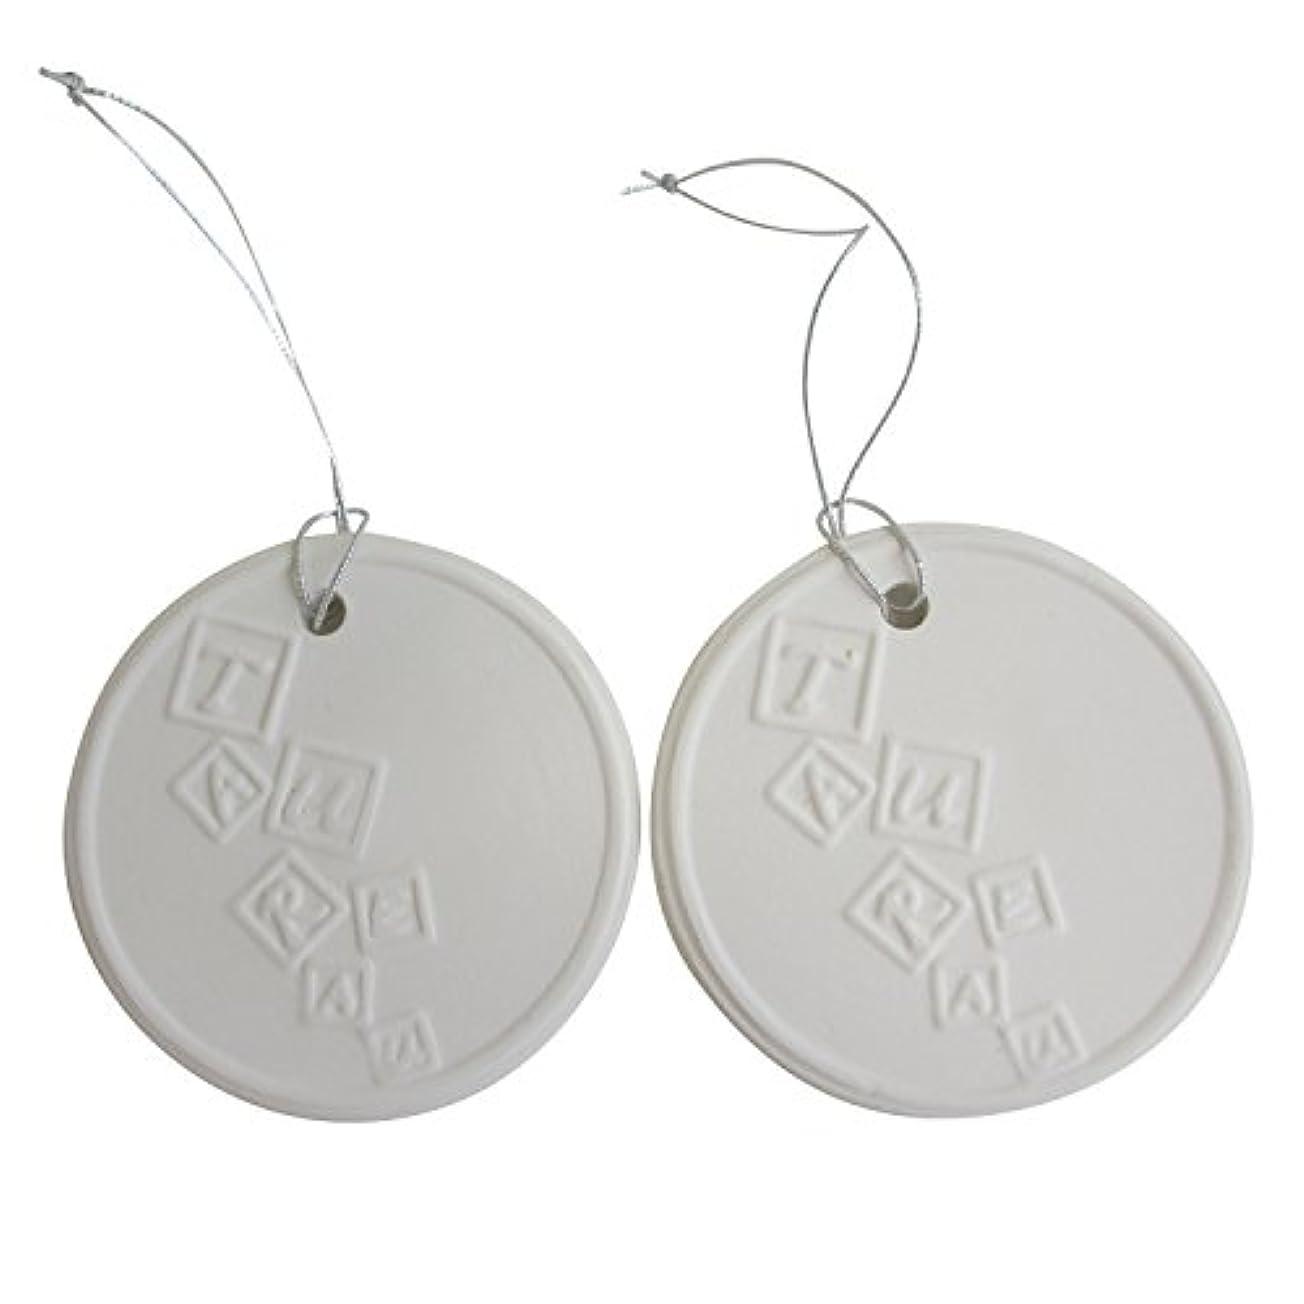 物足りないありふれた適用するアロマストーン ホワイトコイン 2セット(ロゴ2) アクセサリー 小物 キーホルダー アロマディフューザー ペンダント 陶器製